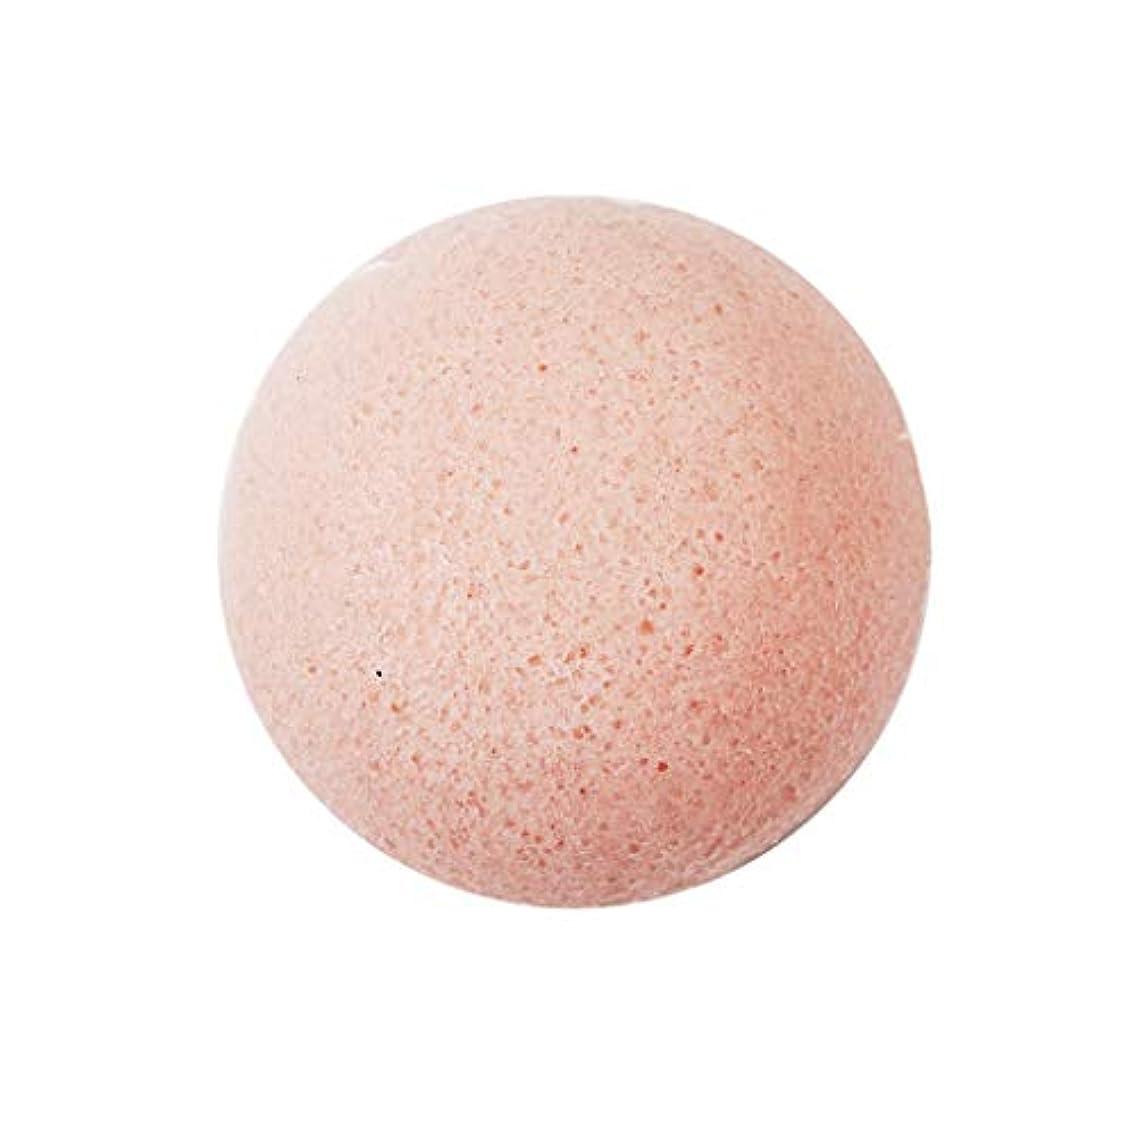 マッシュ学者情緒的D DOLITY こんにゃく フェイシャルスポンジ 洗顔用 パフ フェイススポンジ マッサージ 汚れ 油 - ピンク